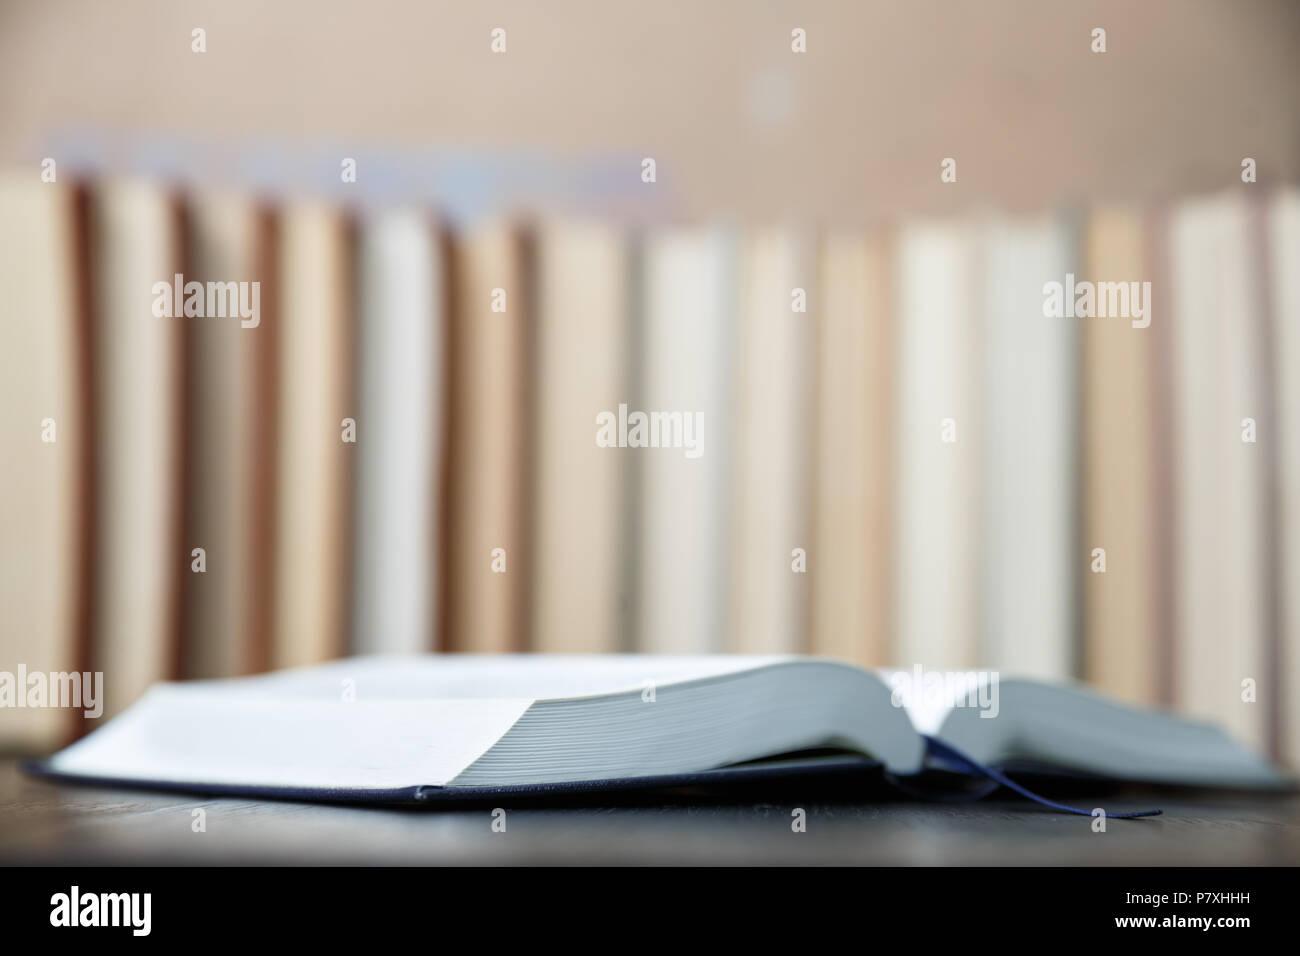 Le livre de poche relié Gros plan sur upsite Photo Stock